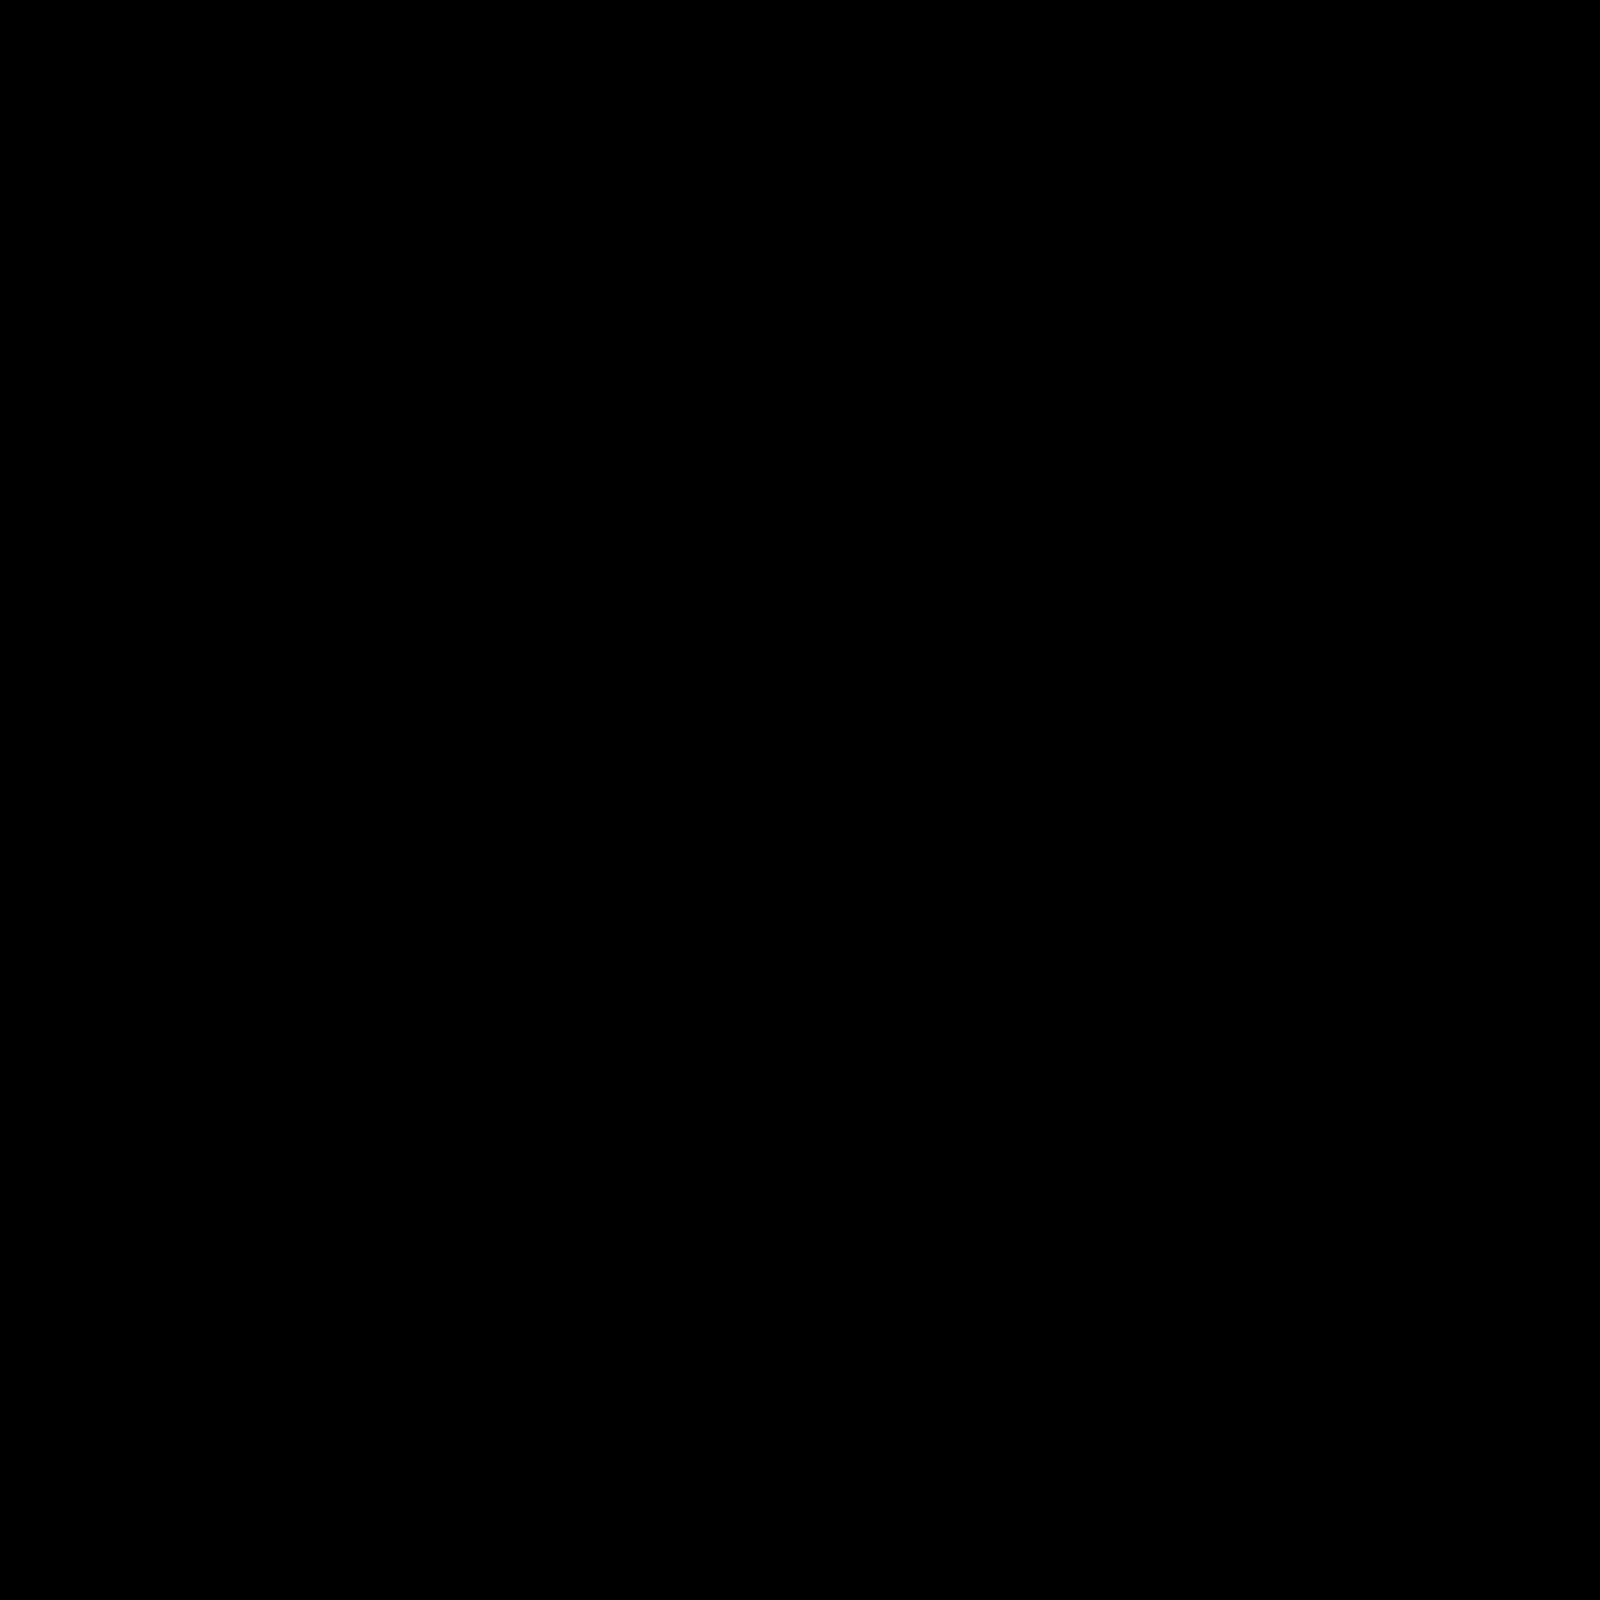 Star Pokemon Filled icon